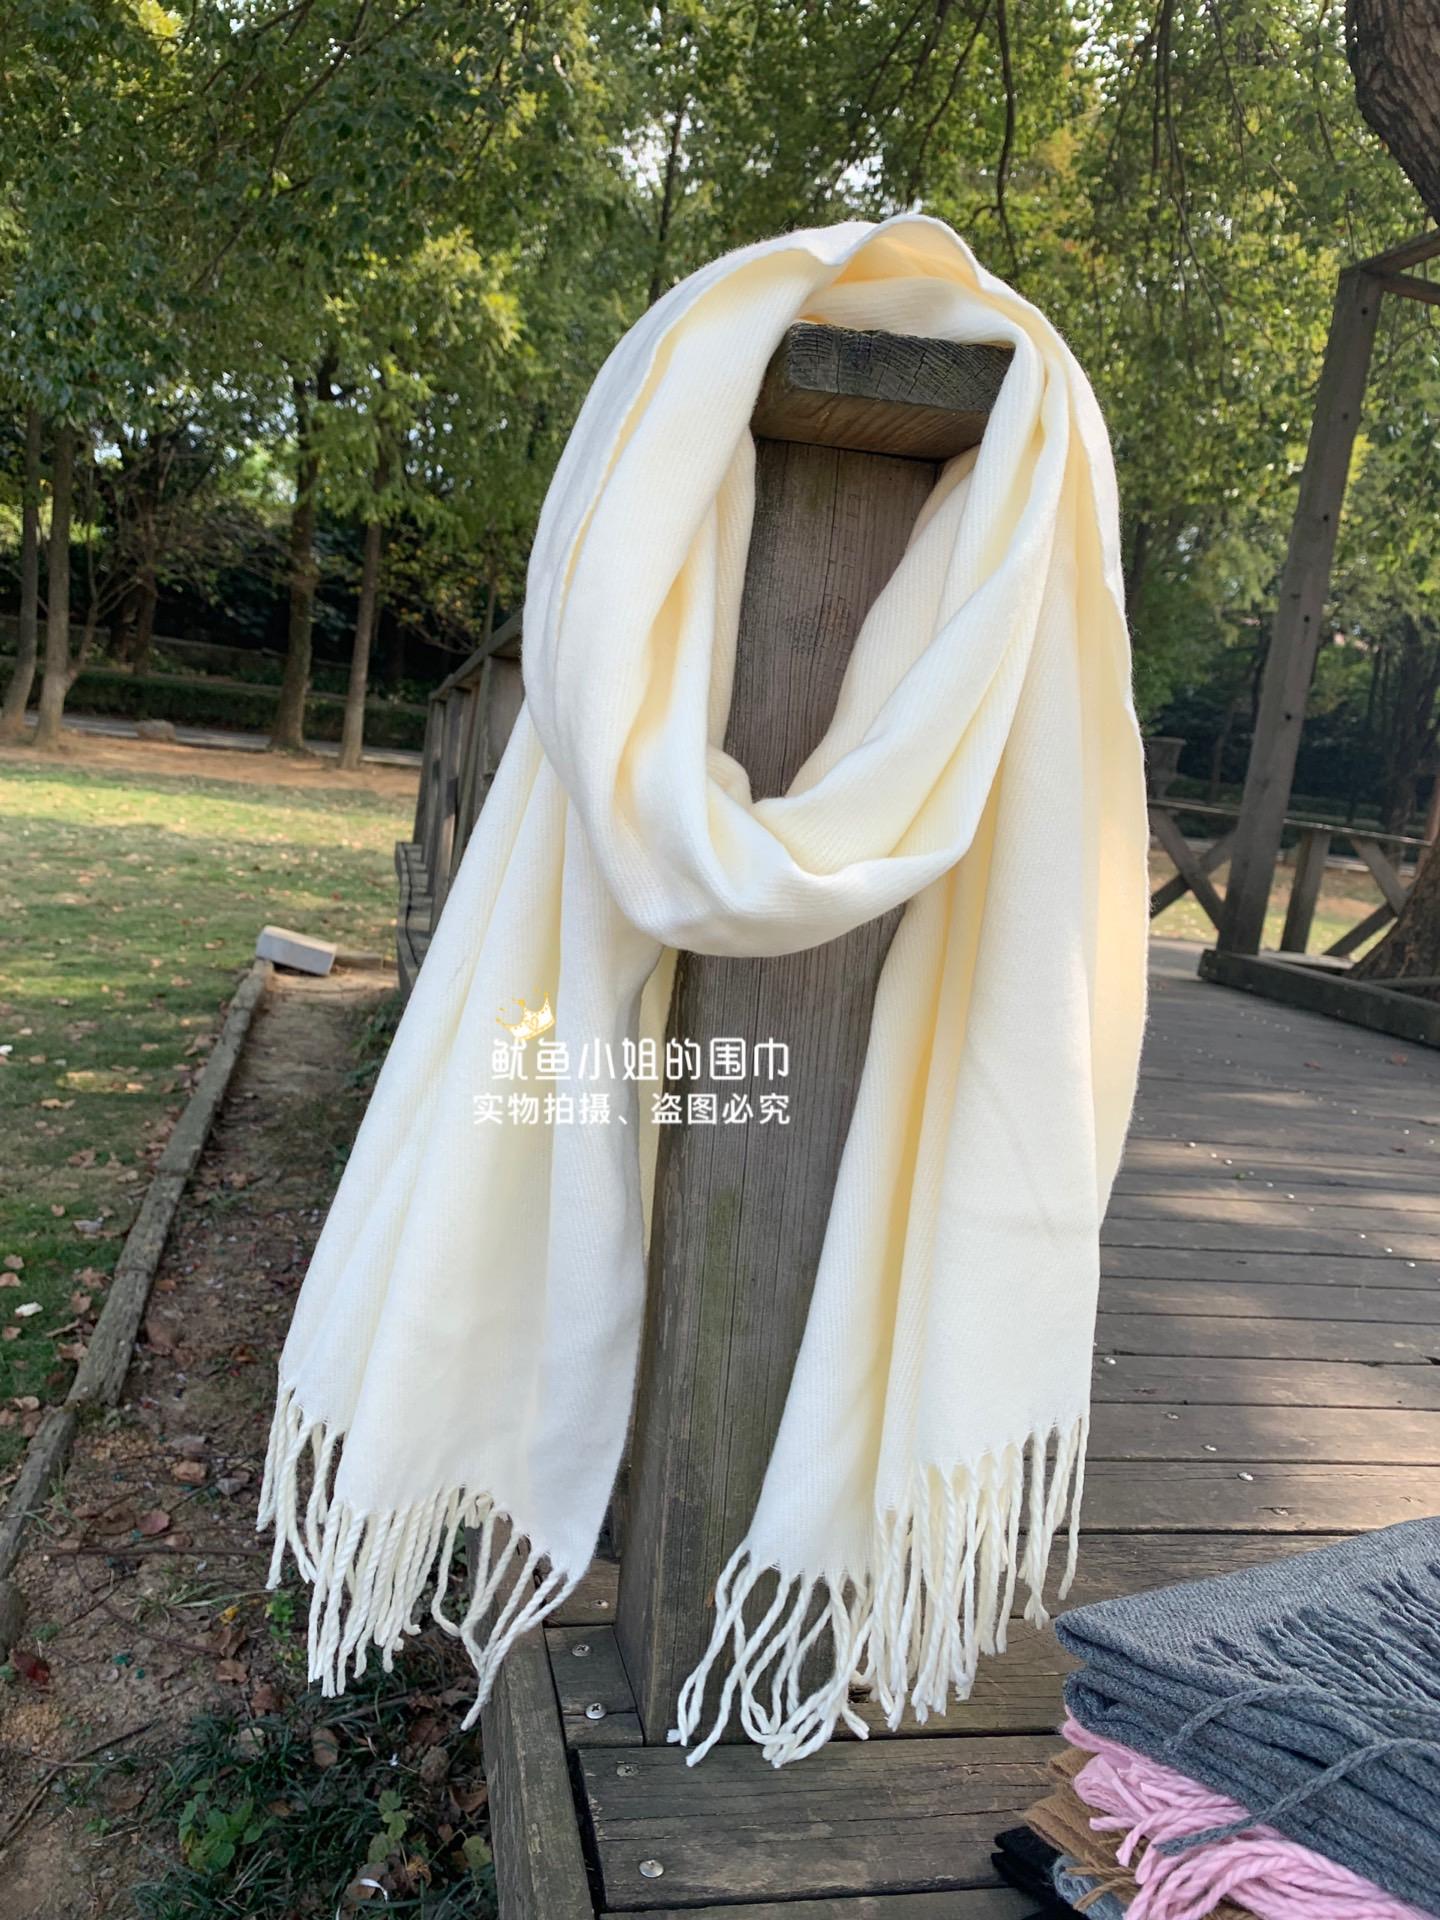 米白色围巾女冬季围脖仿羊绒柔软糯奶白日系纯色百搭保暖韩版学生